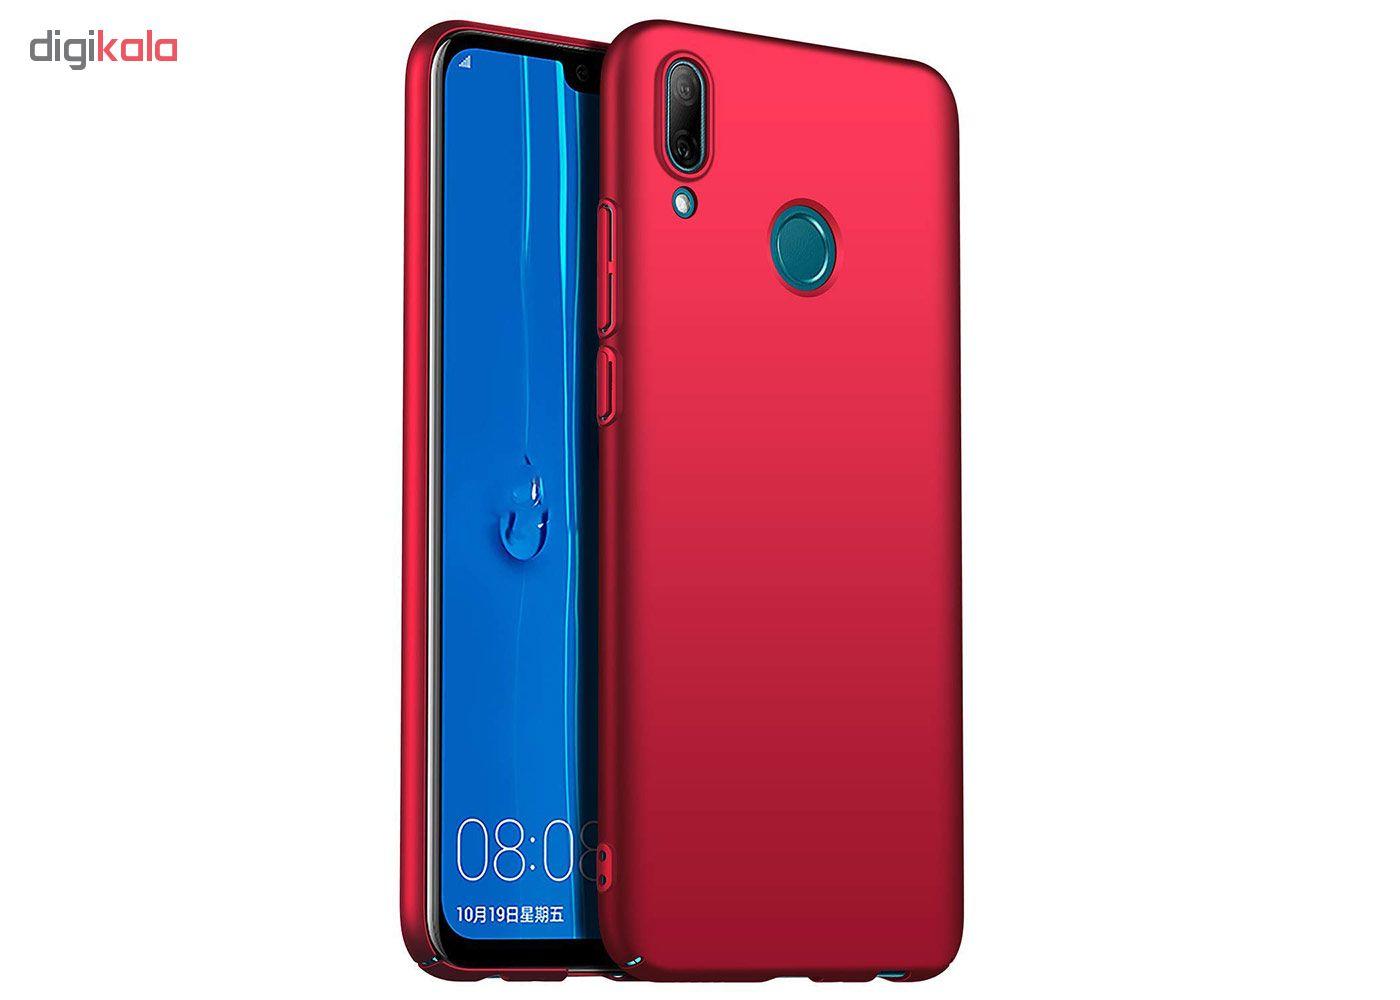 کاور مدل Hard Case مناسب برای گوشی موبایل هوآوی Y9 2019 main 1 3